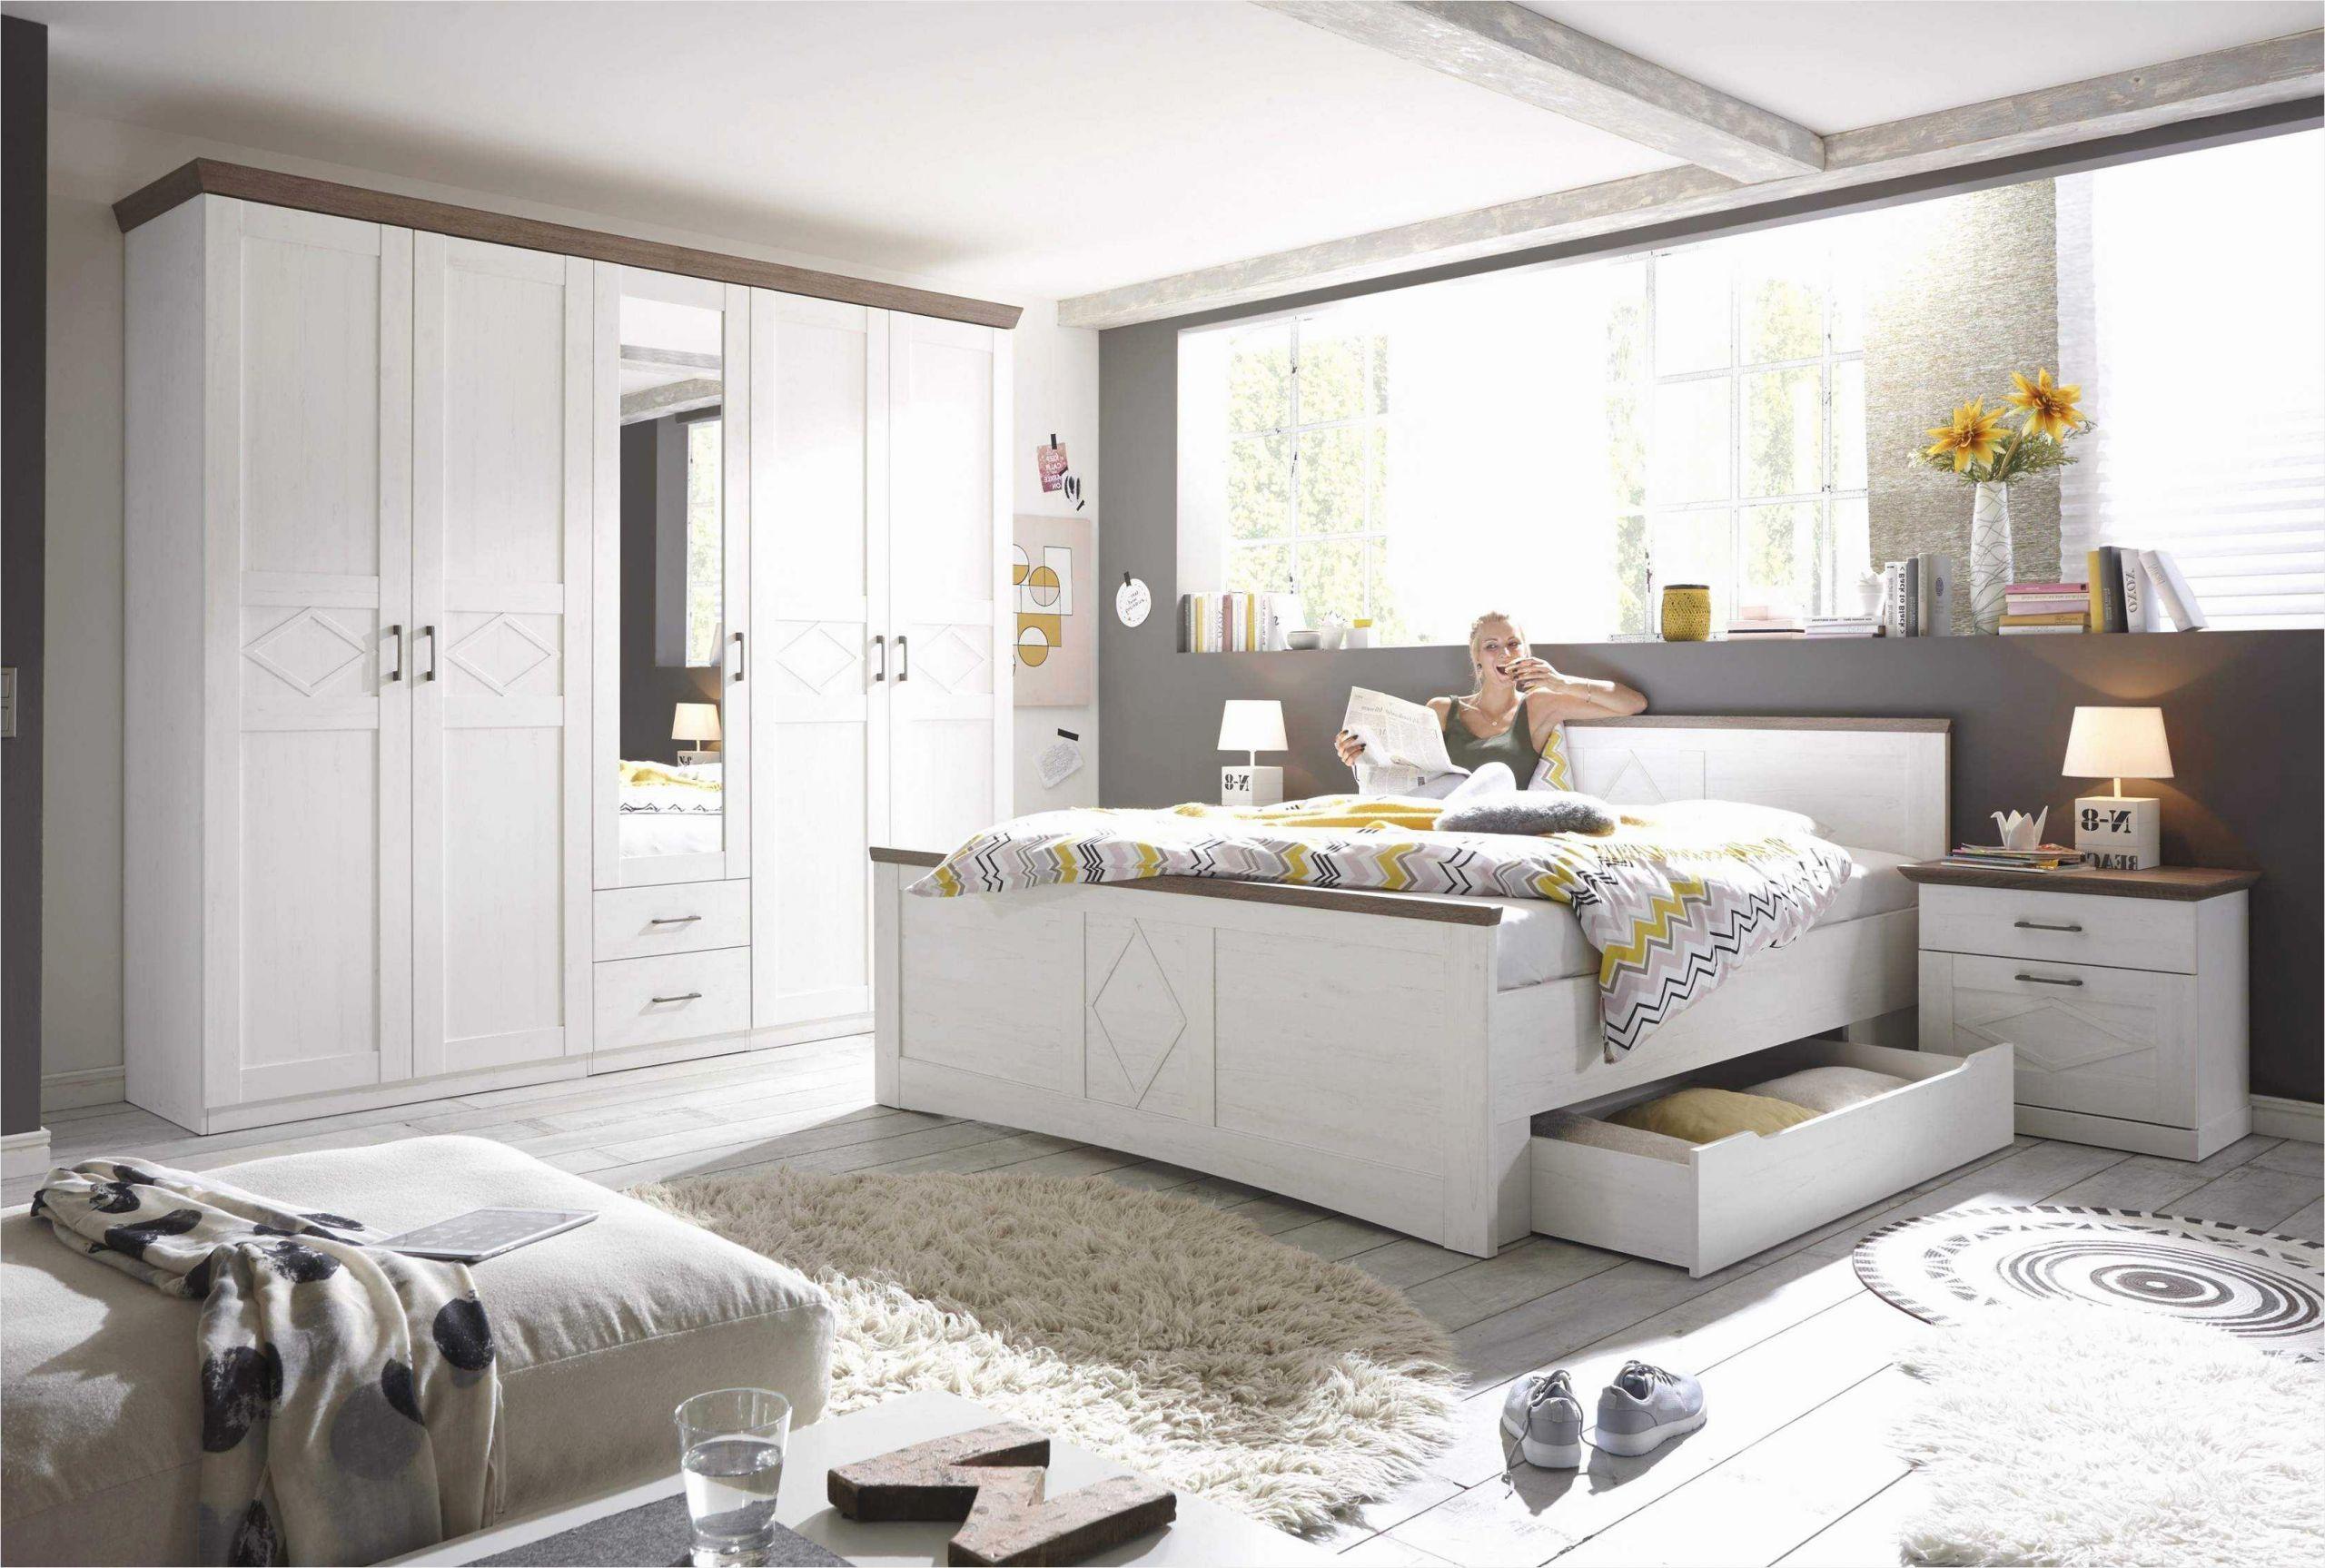 49 einzigartig schlafzimmer teppich unterm bett buch of bett selbst gestalten scaled